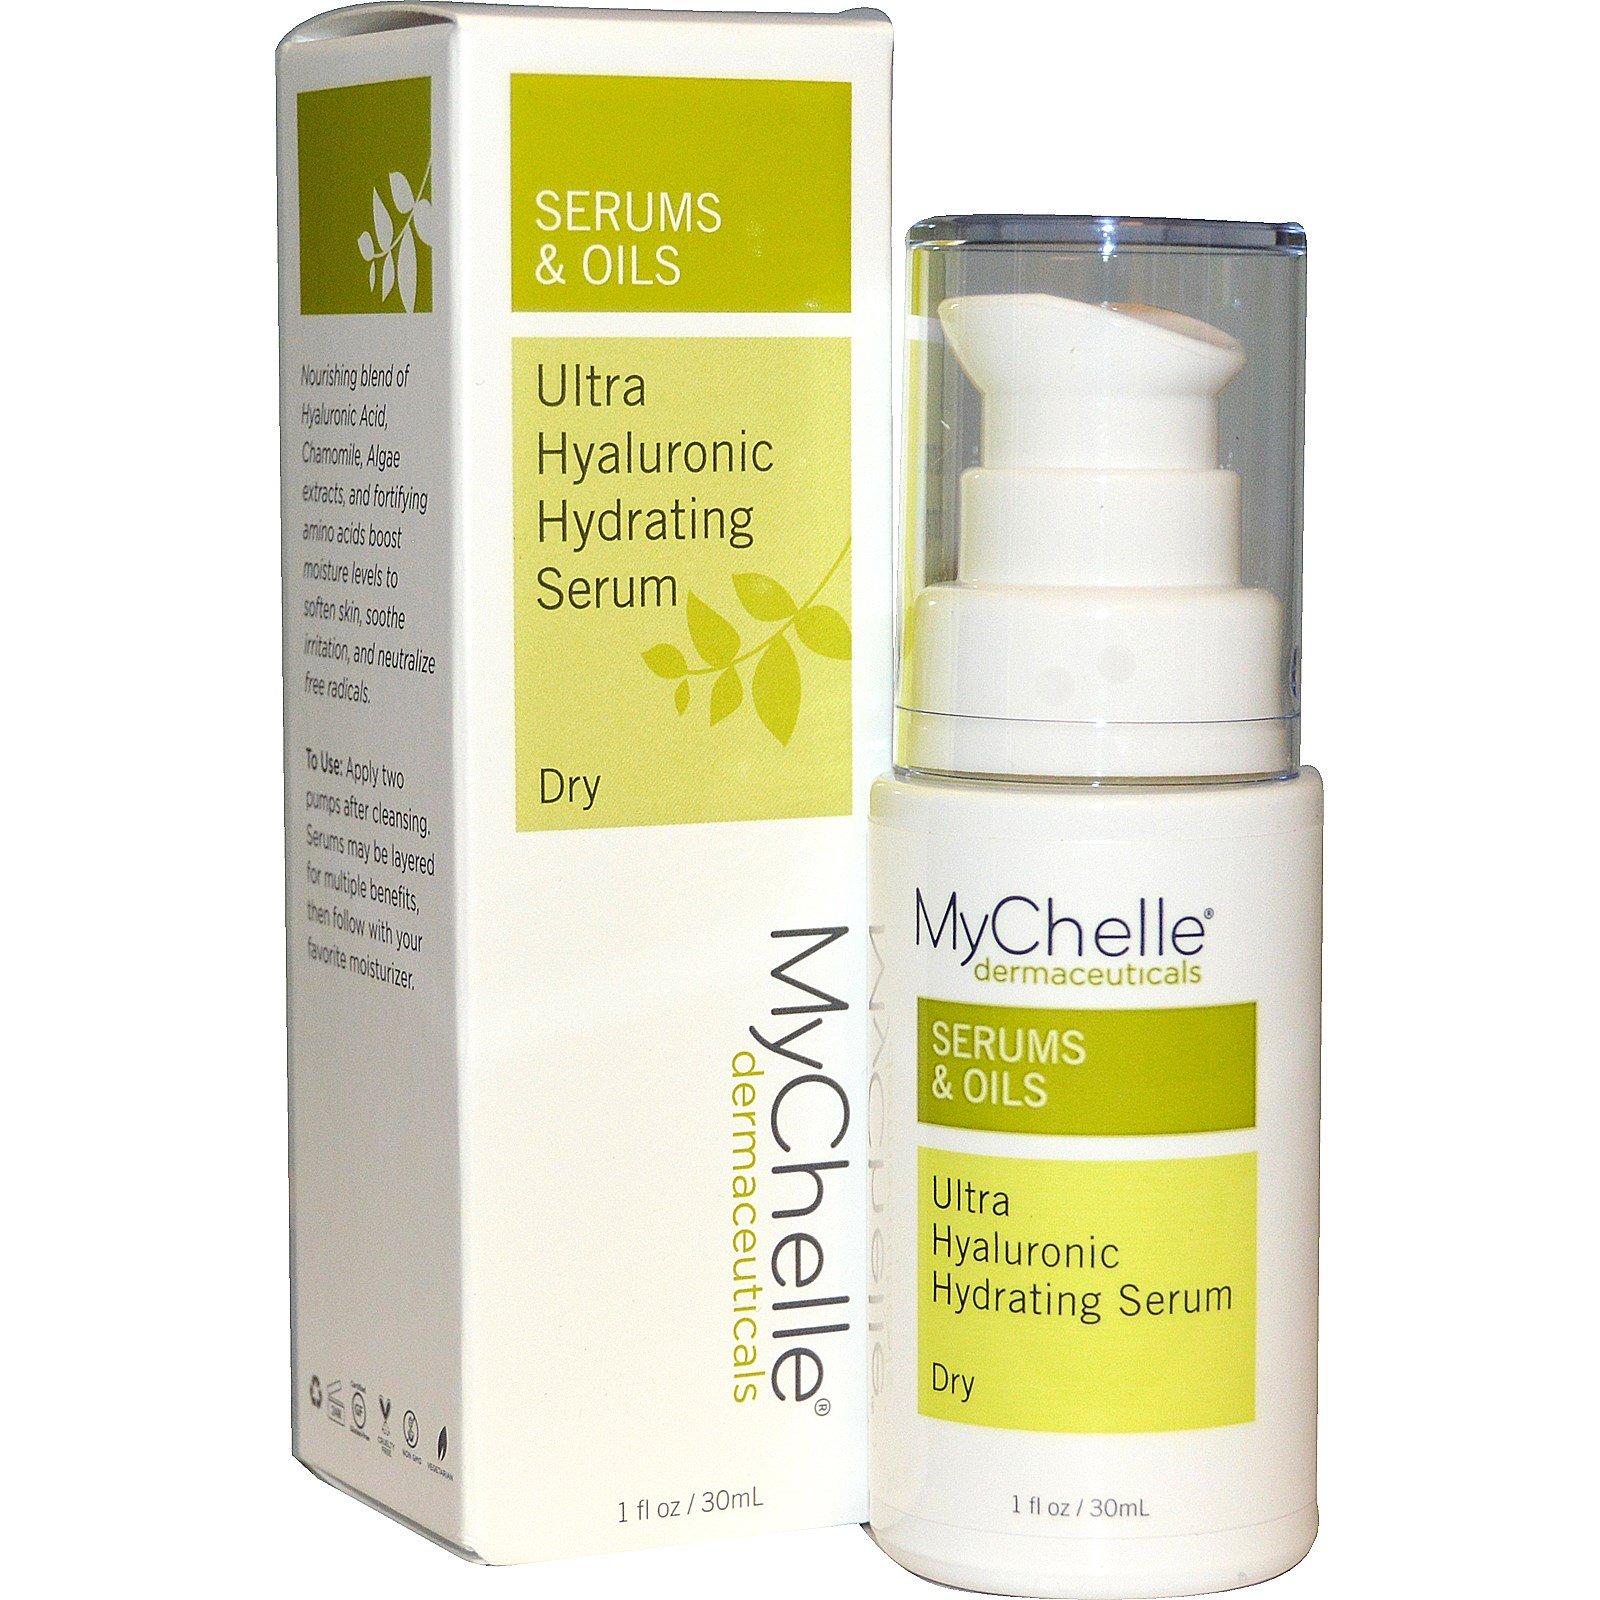 de0bd98f8f8 MyChelle Dermaceuticals, Ultra Hyaluronic Hydrating Serum, Dry, Step 3, 1  fl oz (30 ml)